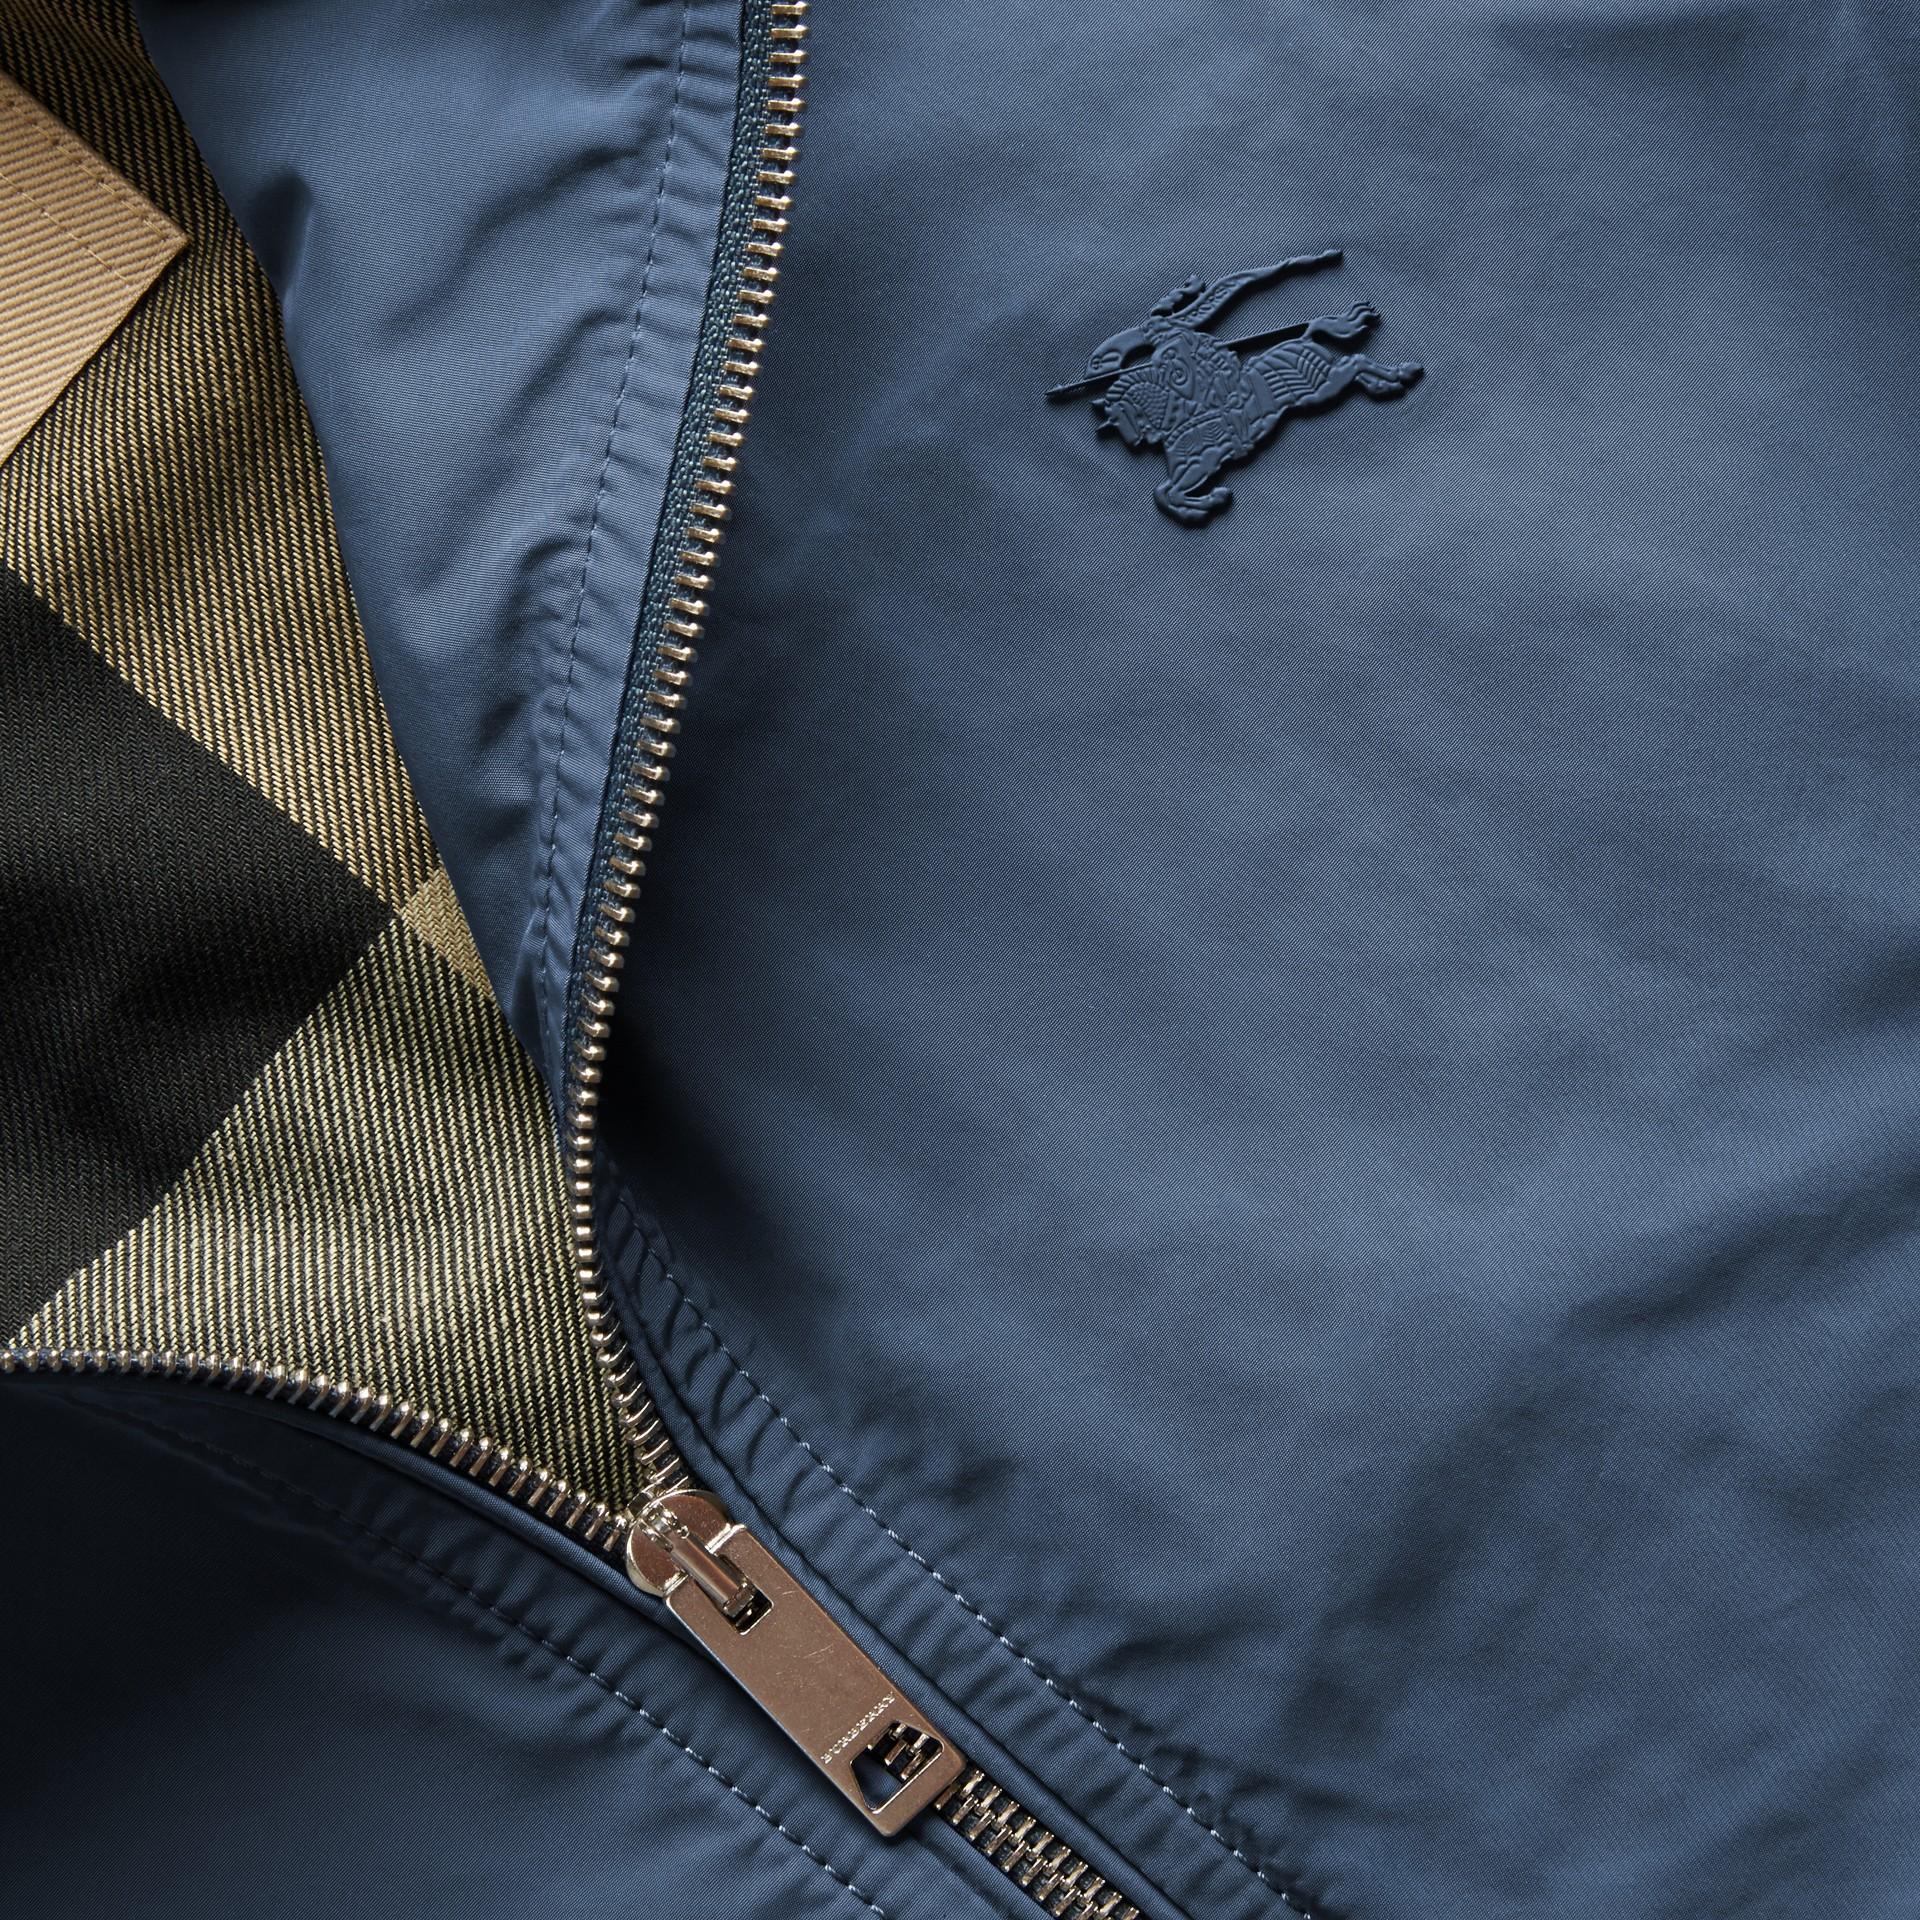 라이트 테크니컬 재킷 스틸 블루 - 갤러리 이미지 2